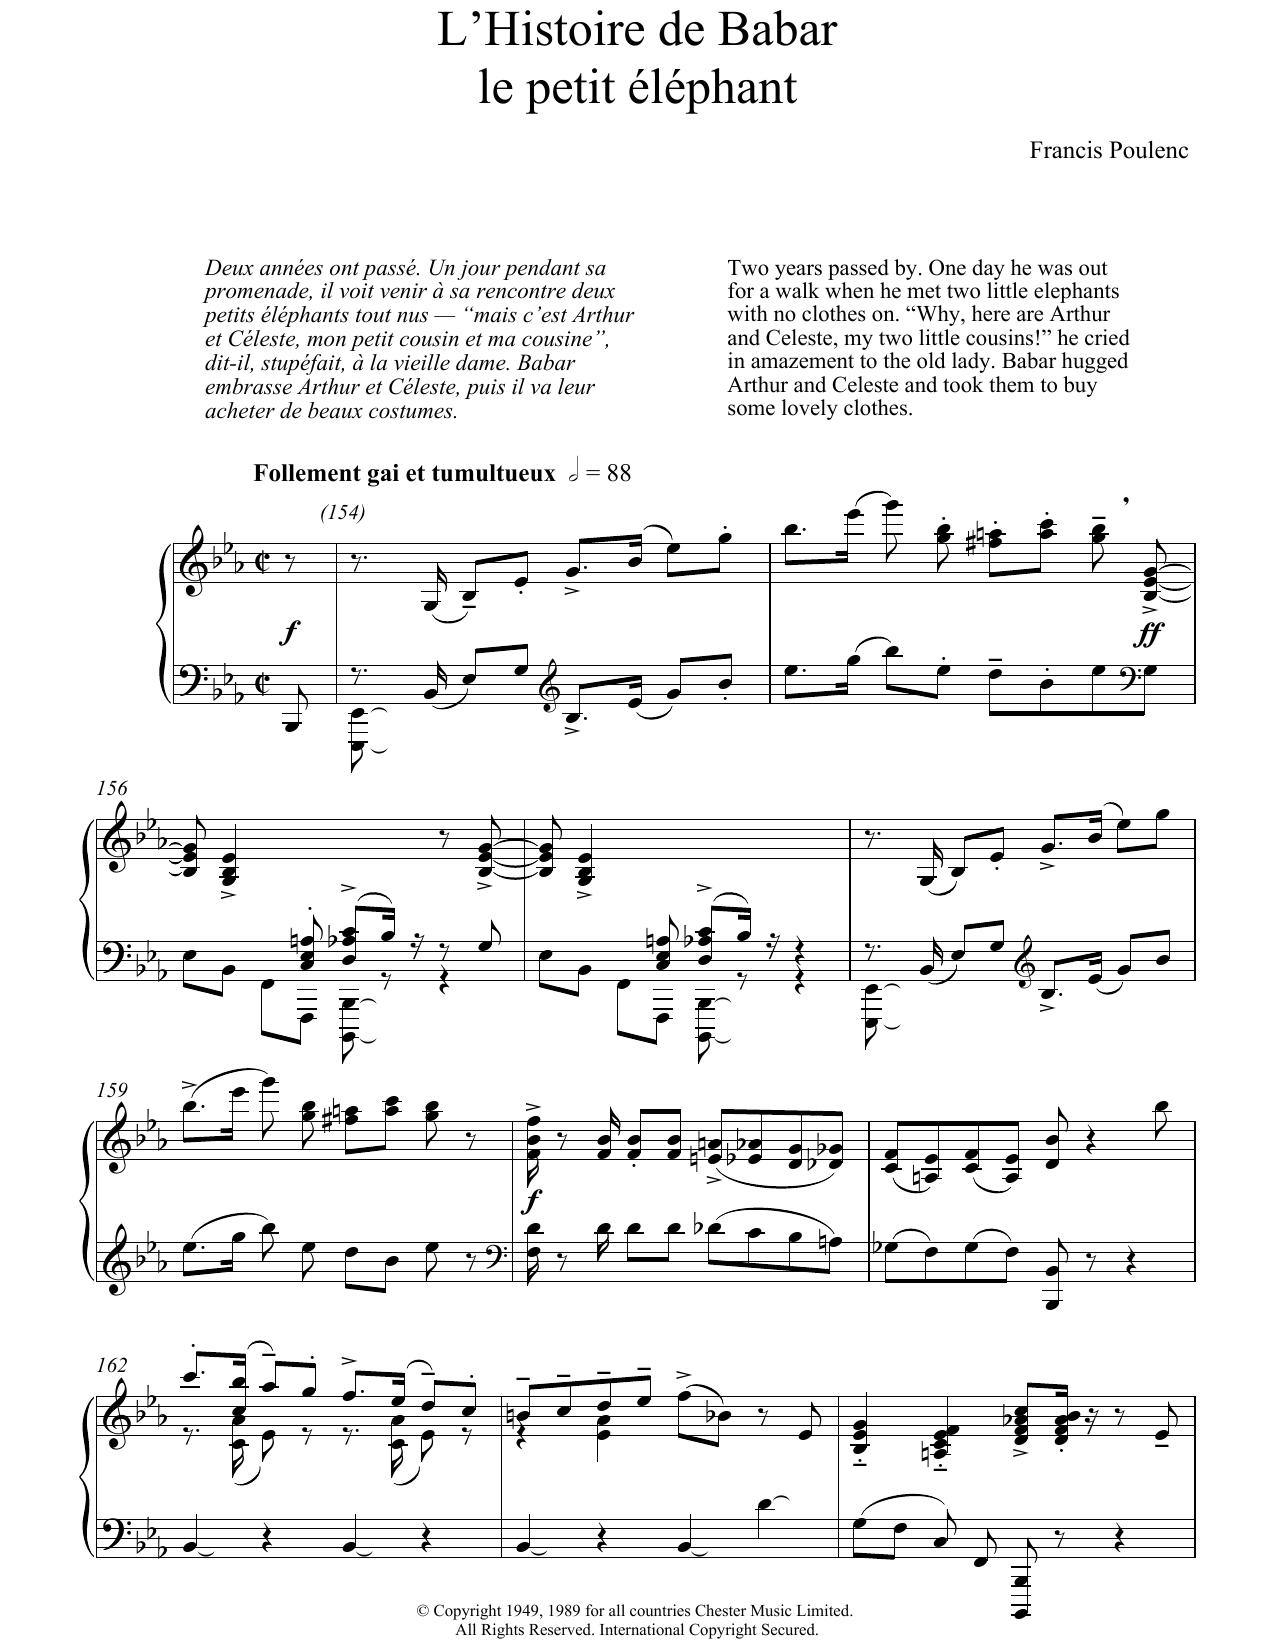 Francis Poulenc - L'Histoire De Babar